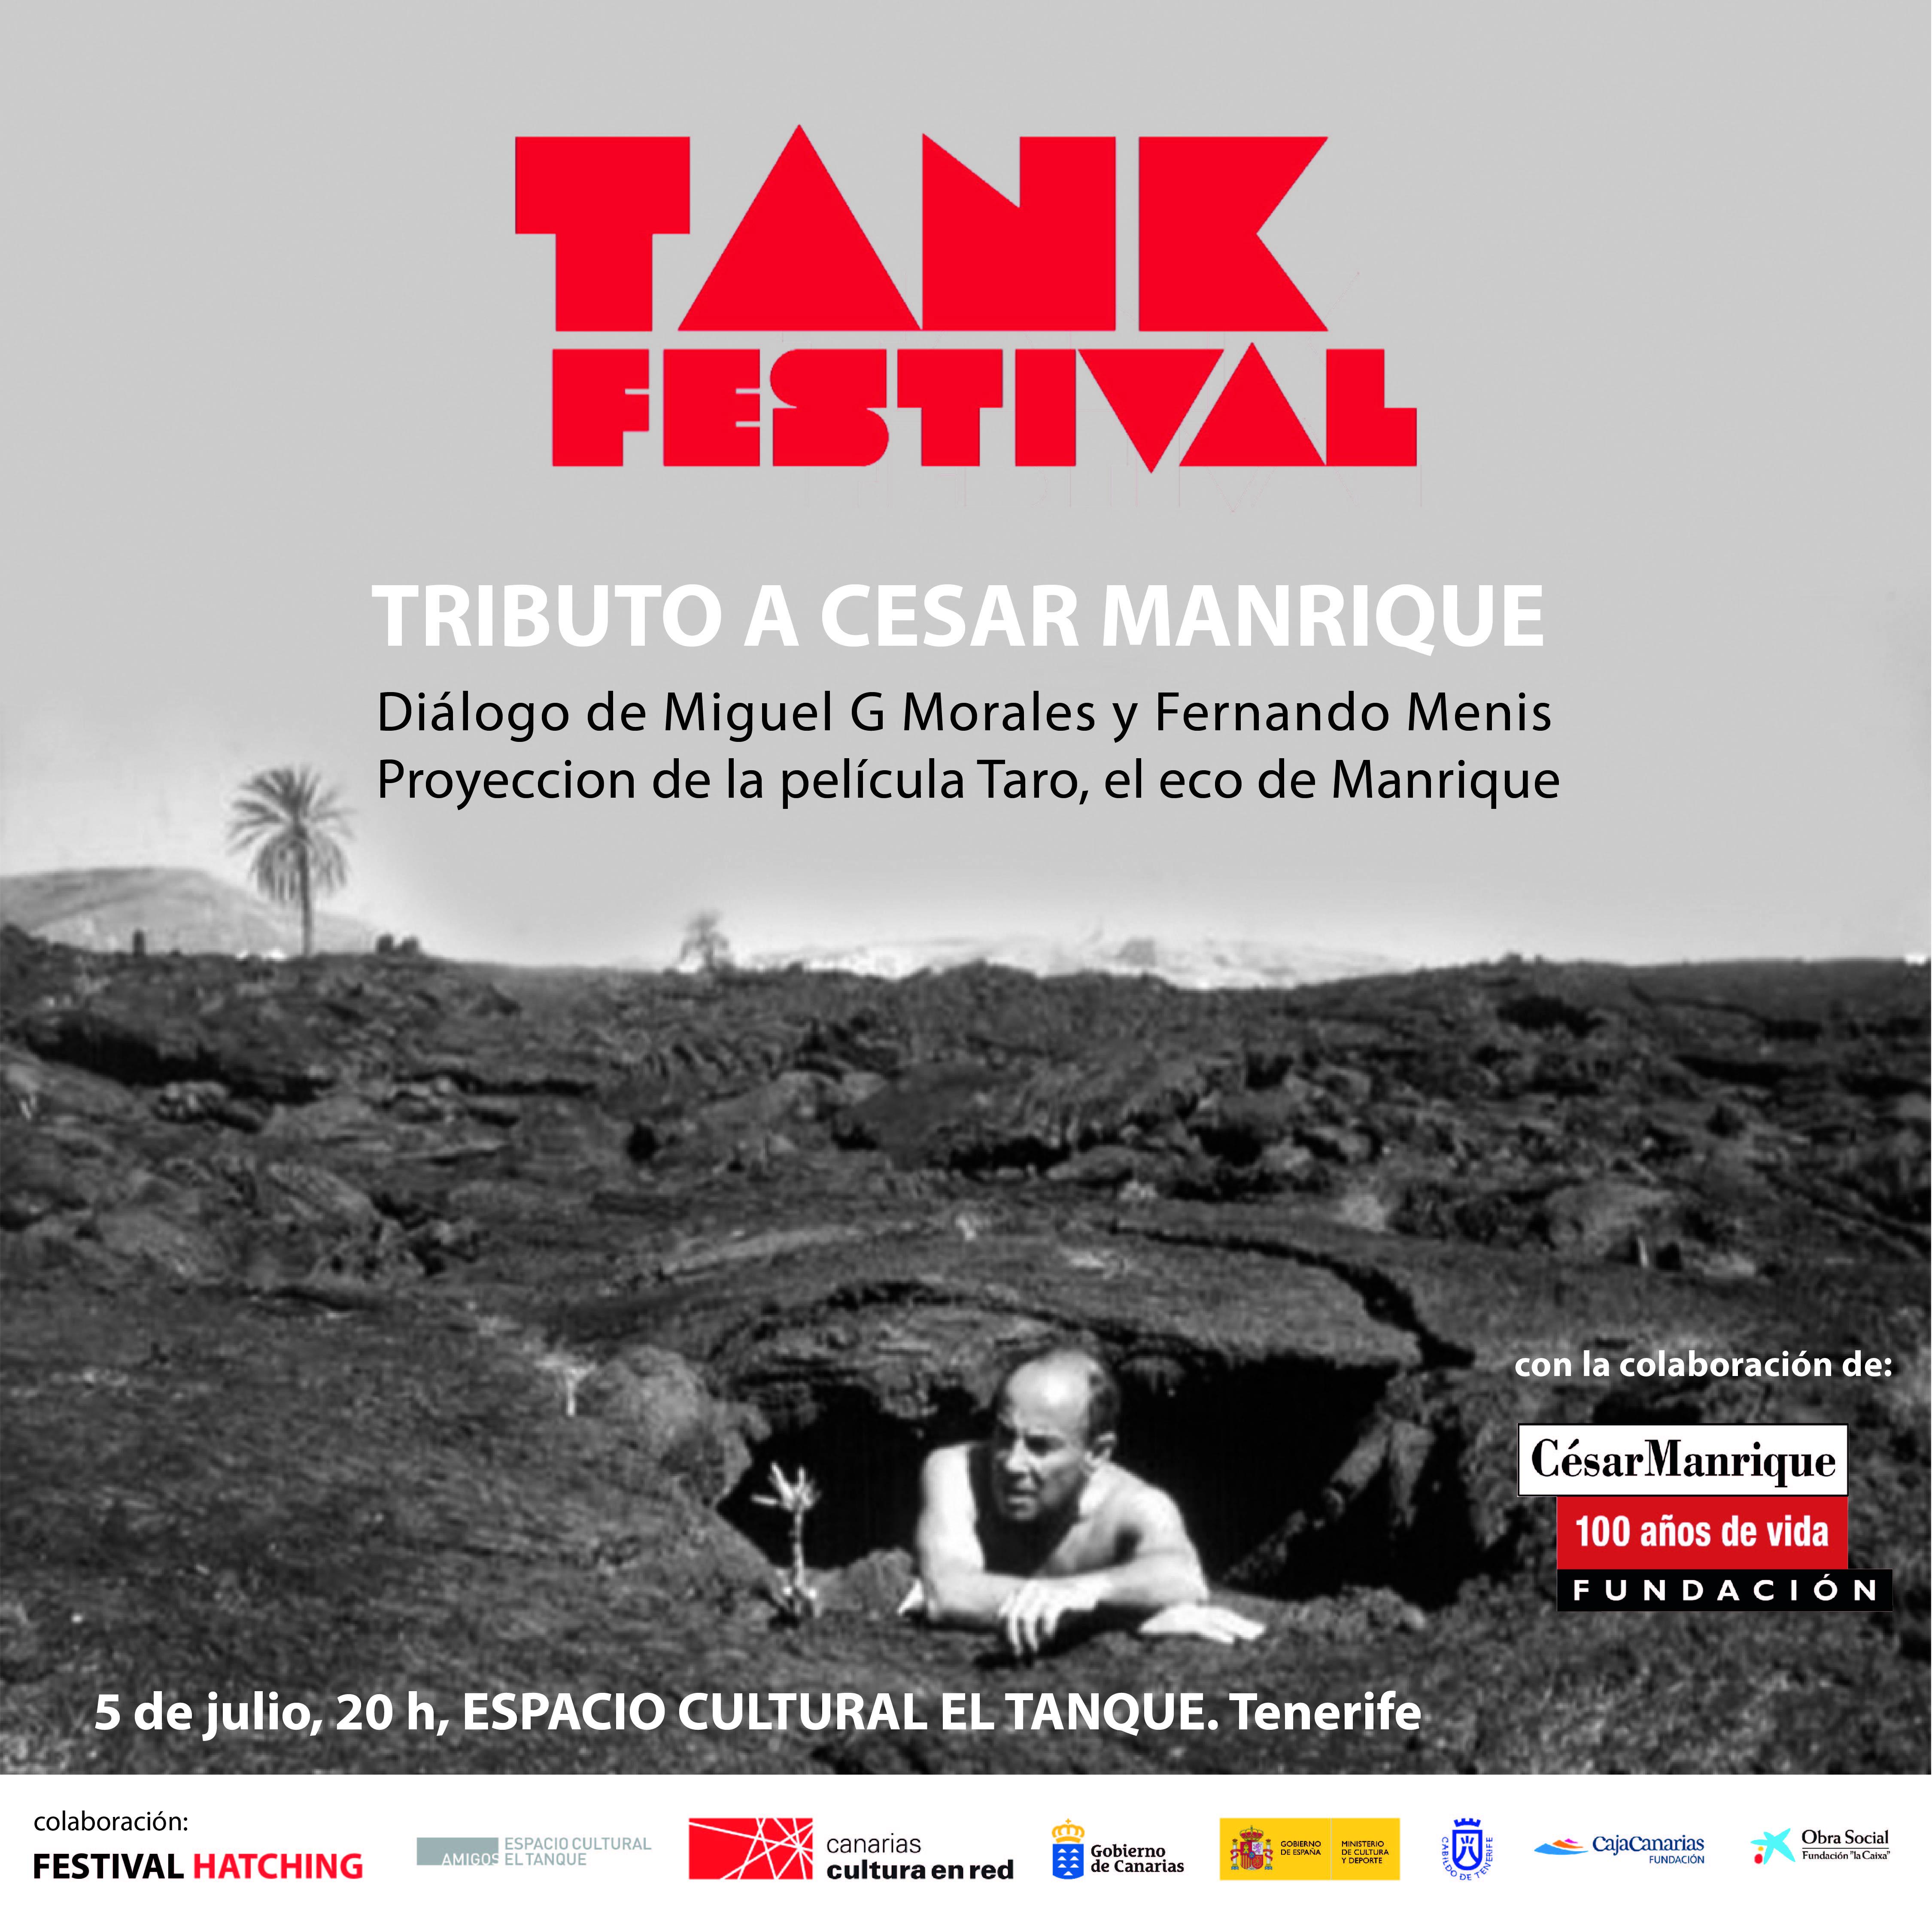 Tributo a César Manrique en el Tank Festival 2019